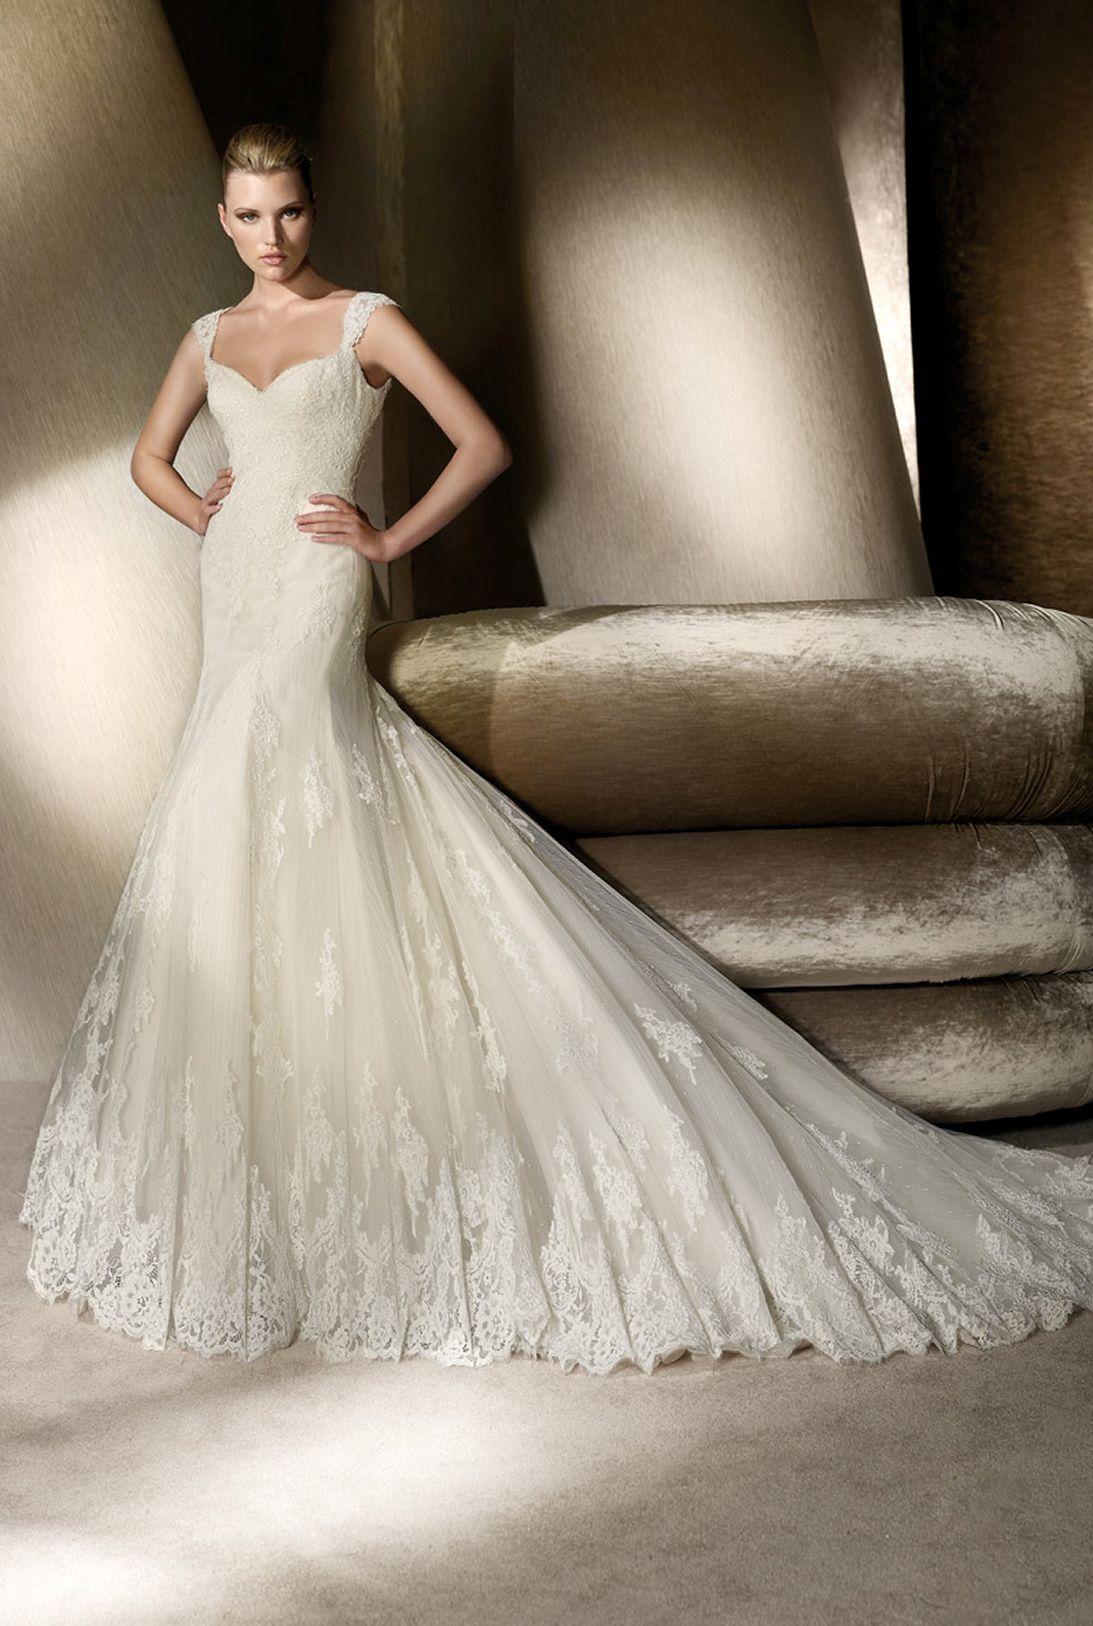 Cobalto St Patrick wedding dress - Dresses for princesses ...